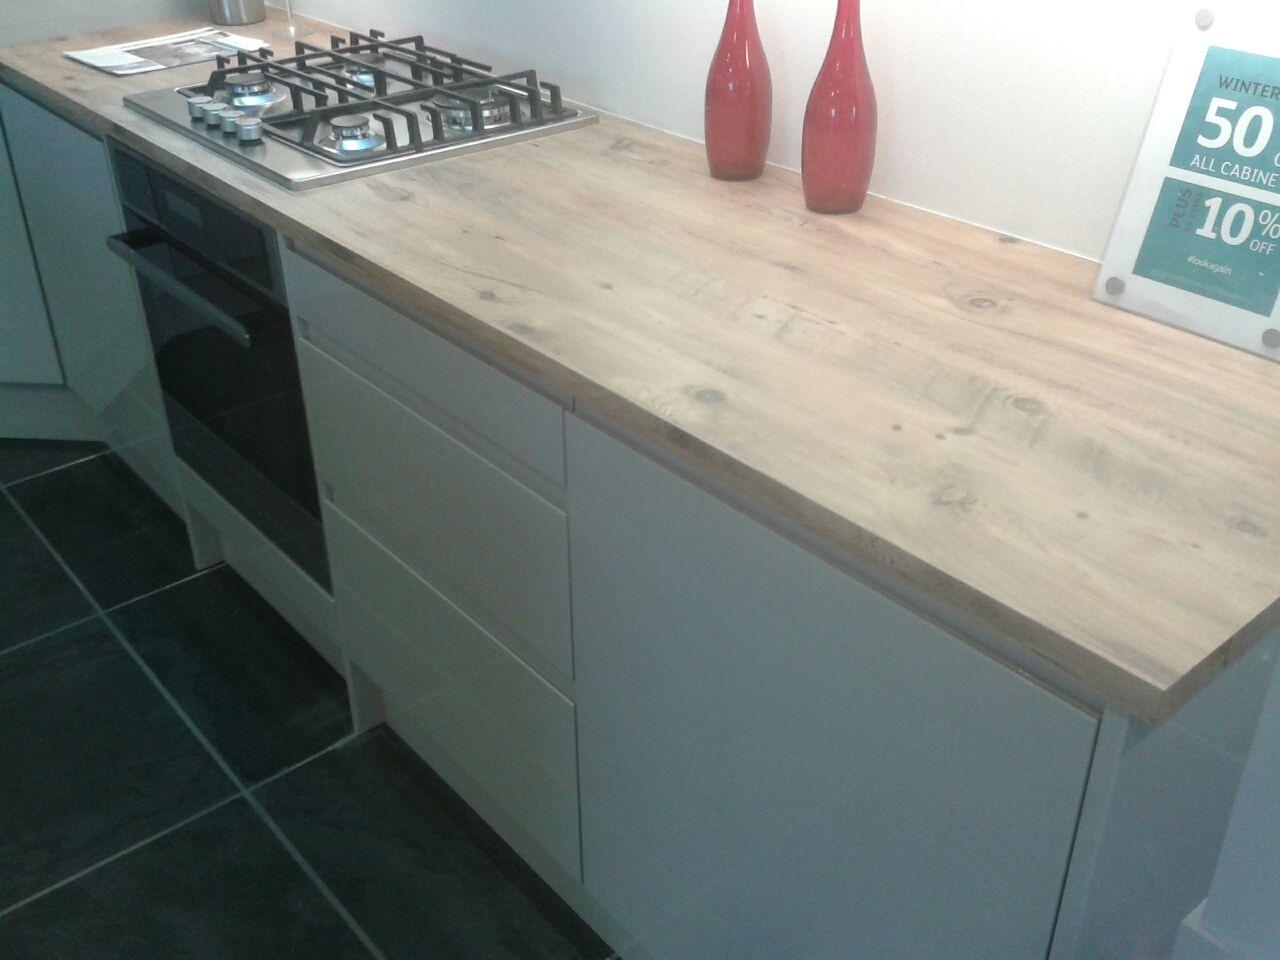 light wood worktop Wood worktop, Kitchen, Wood